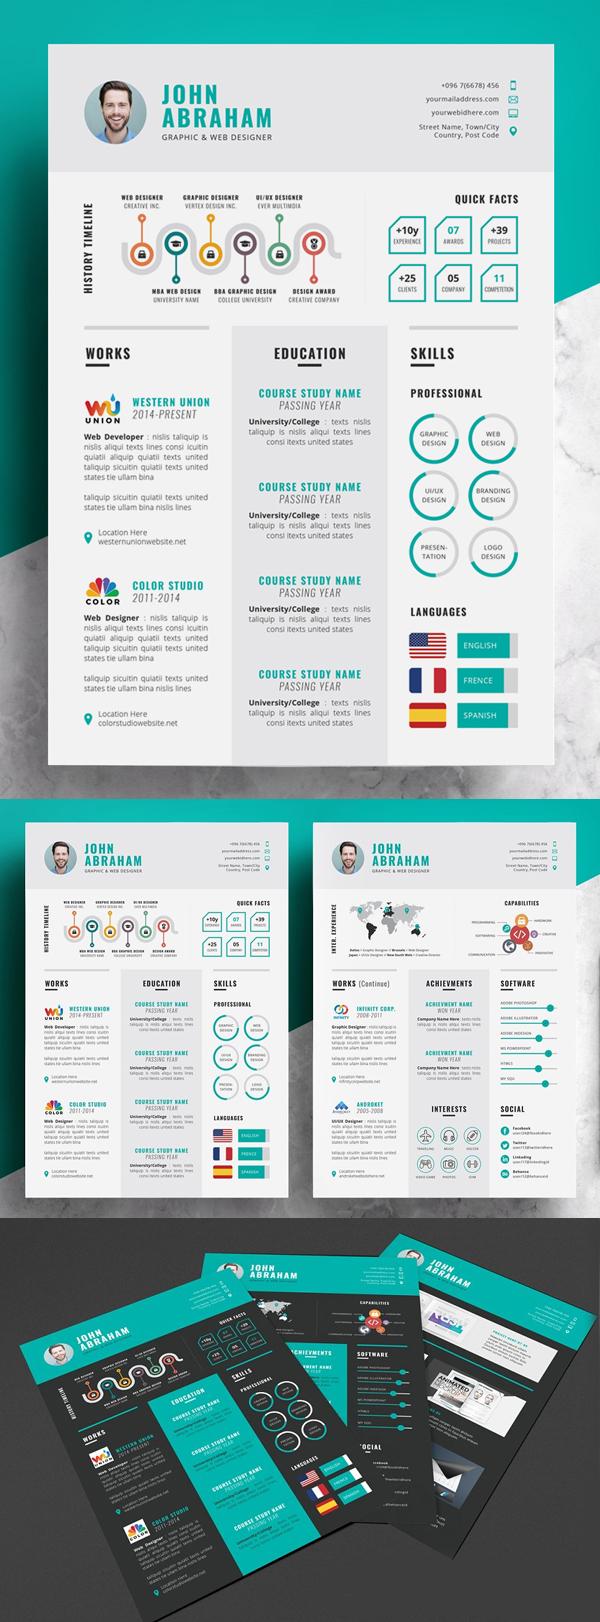 Curriculum vitae de información / CV